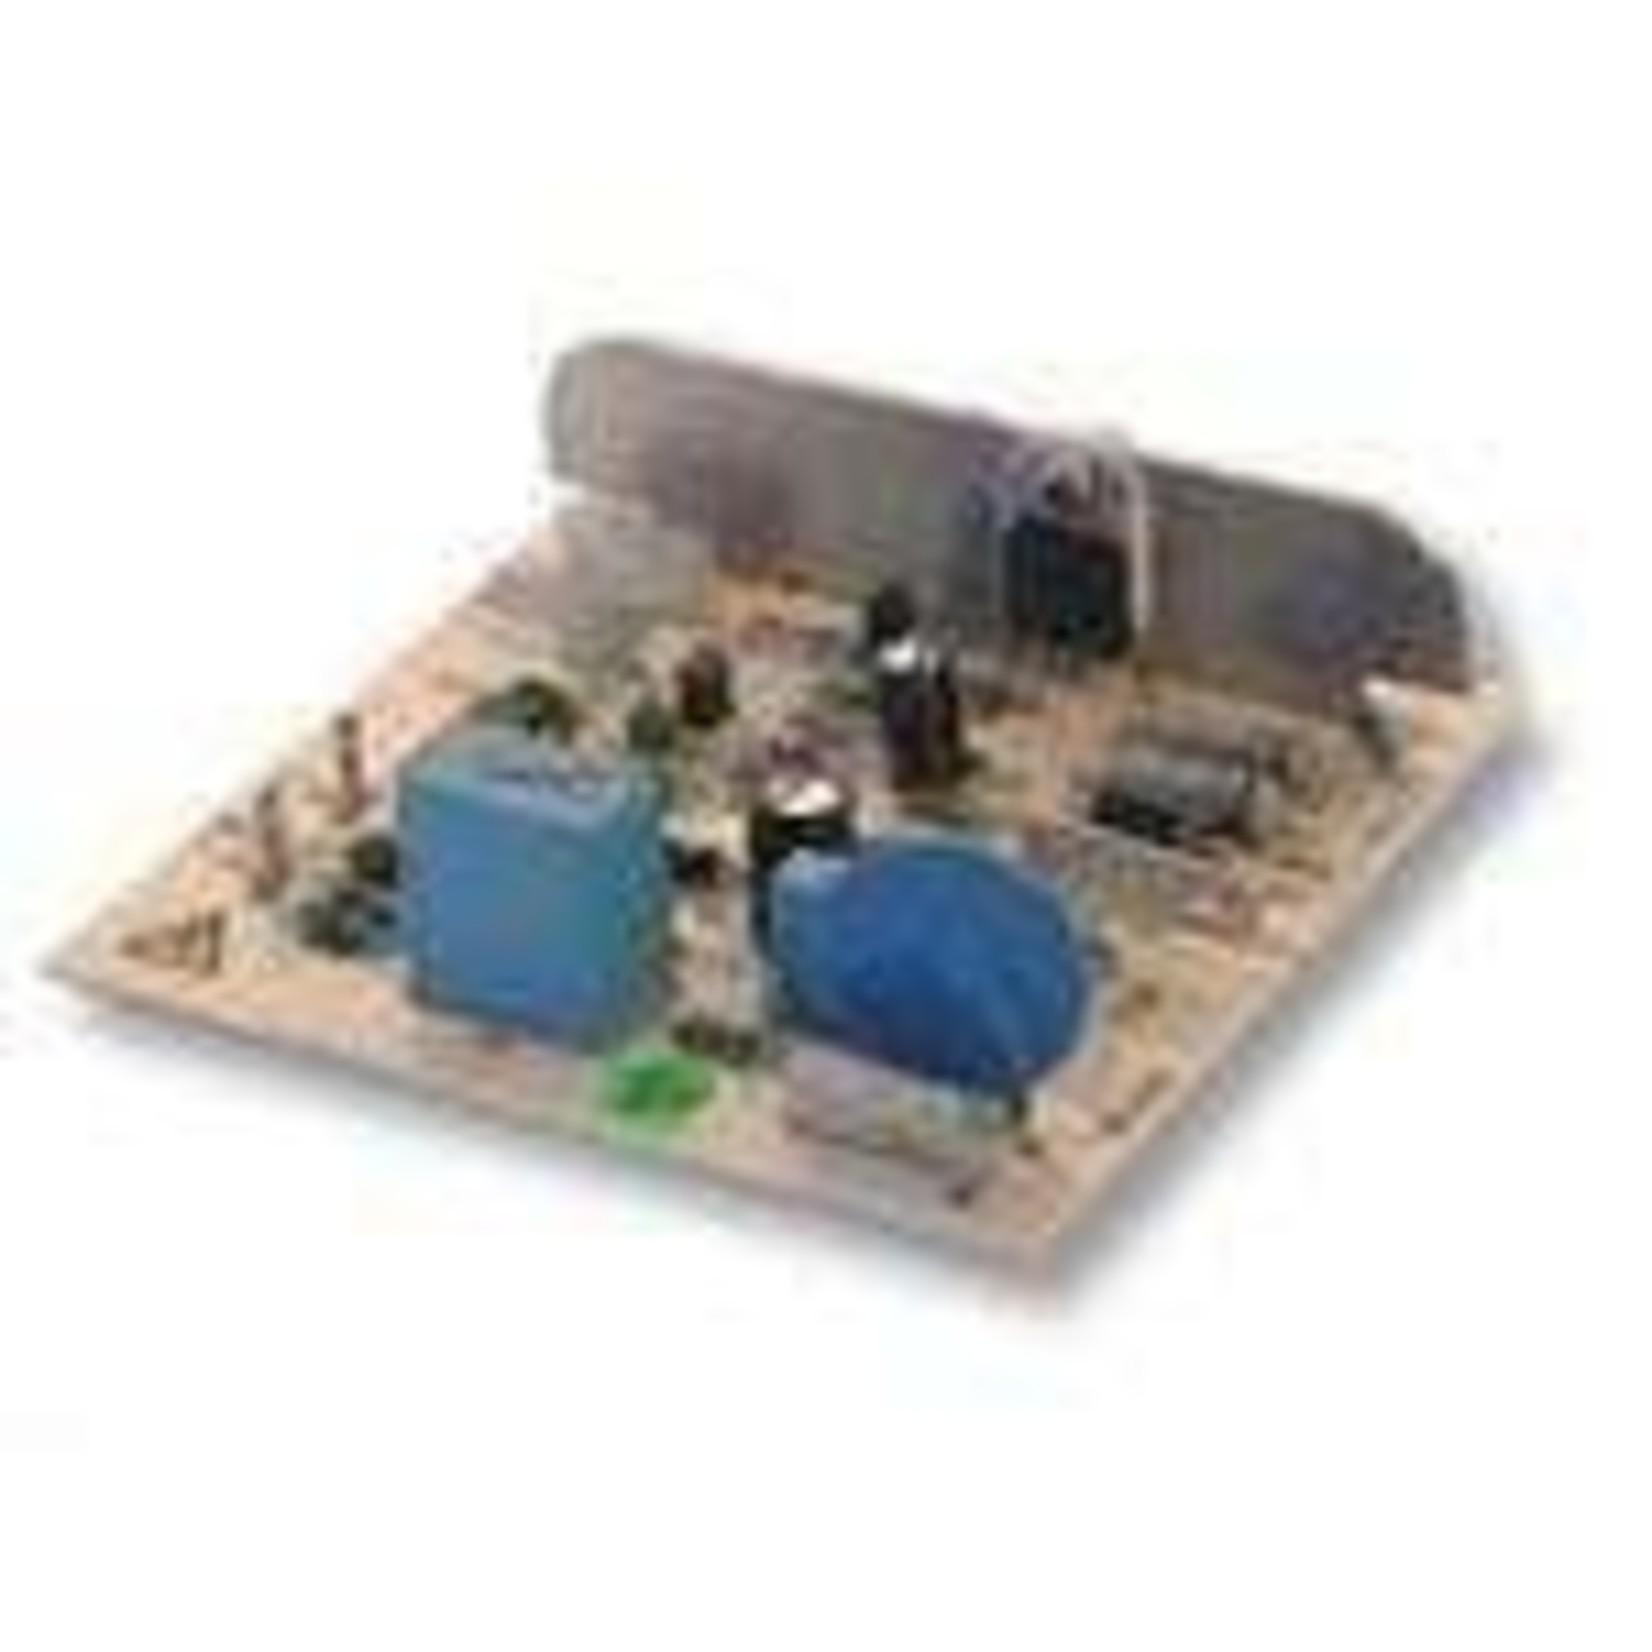 Tacony Dyson DC15 Main PCB Assy